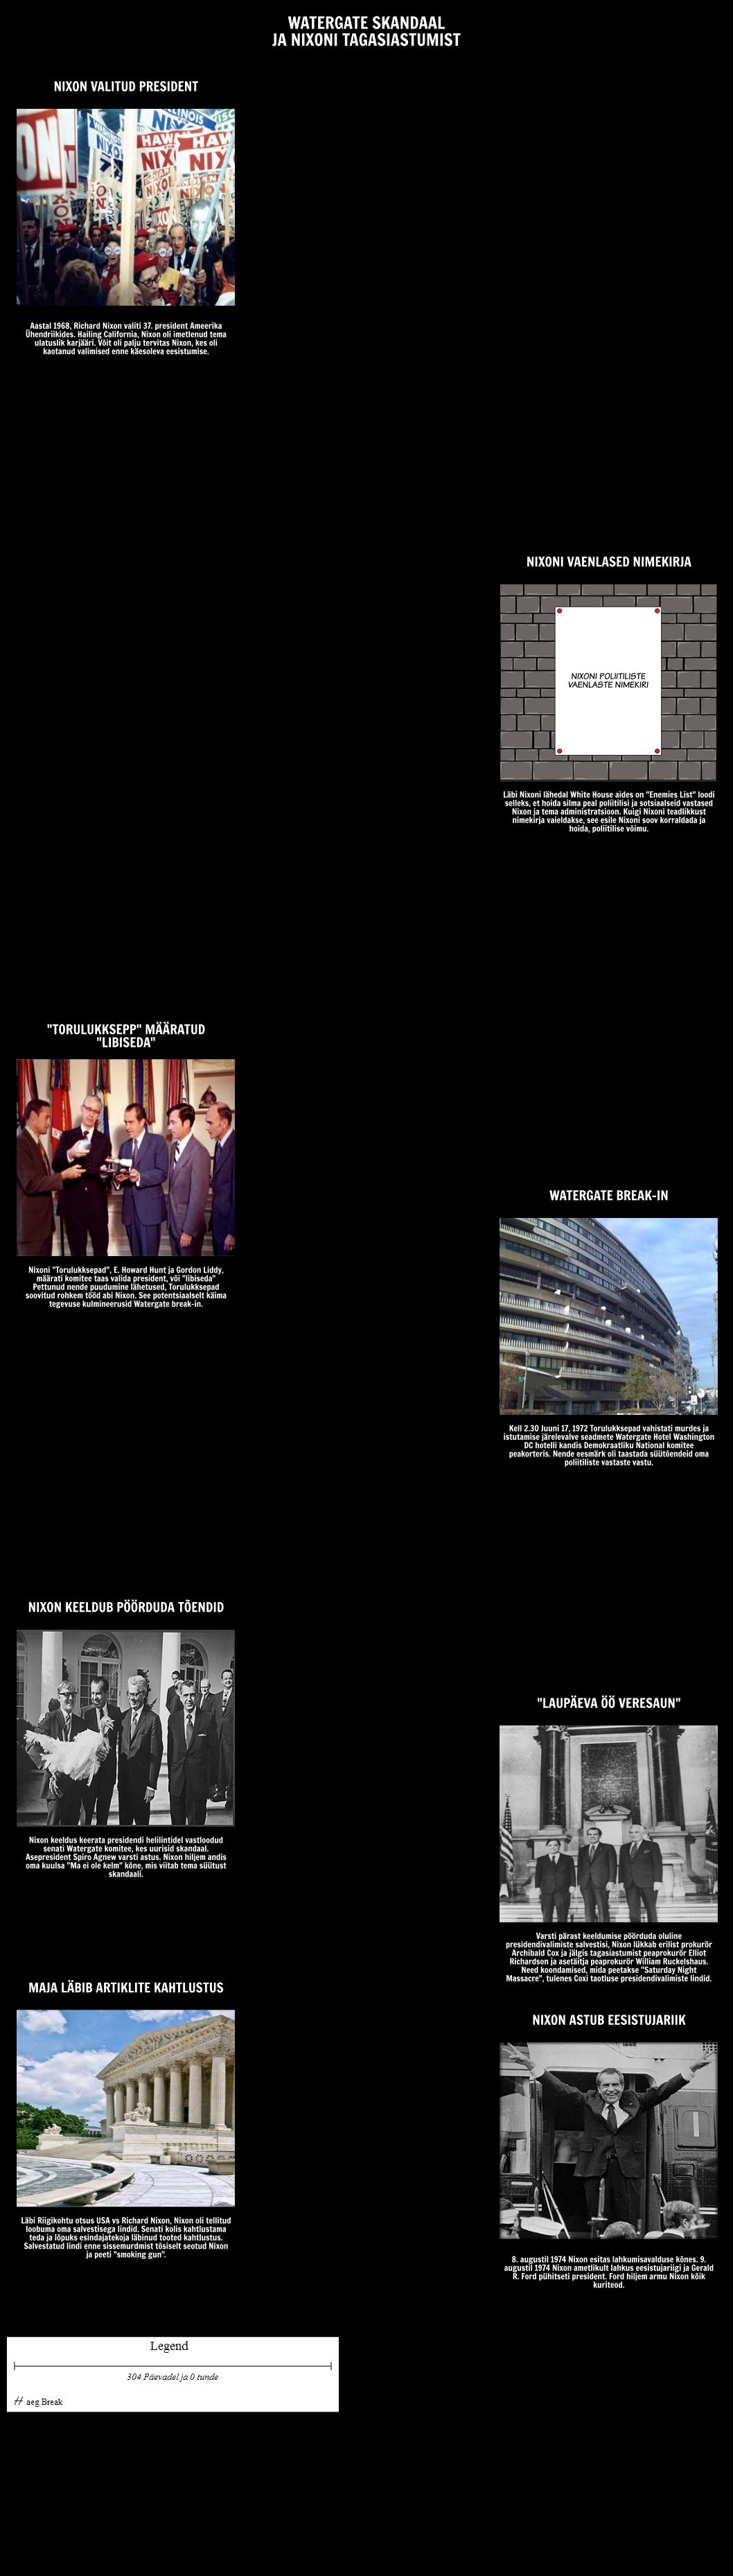 Watergate Skandaal Timeline ja Nixoni Tagasiastumine